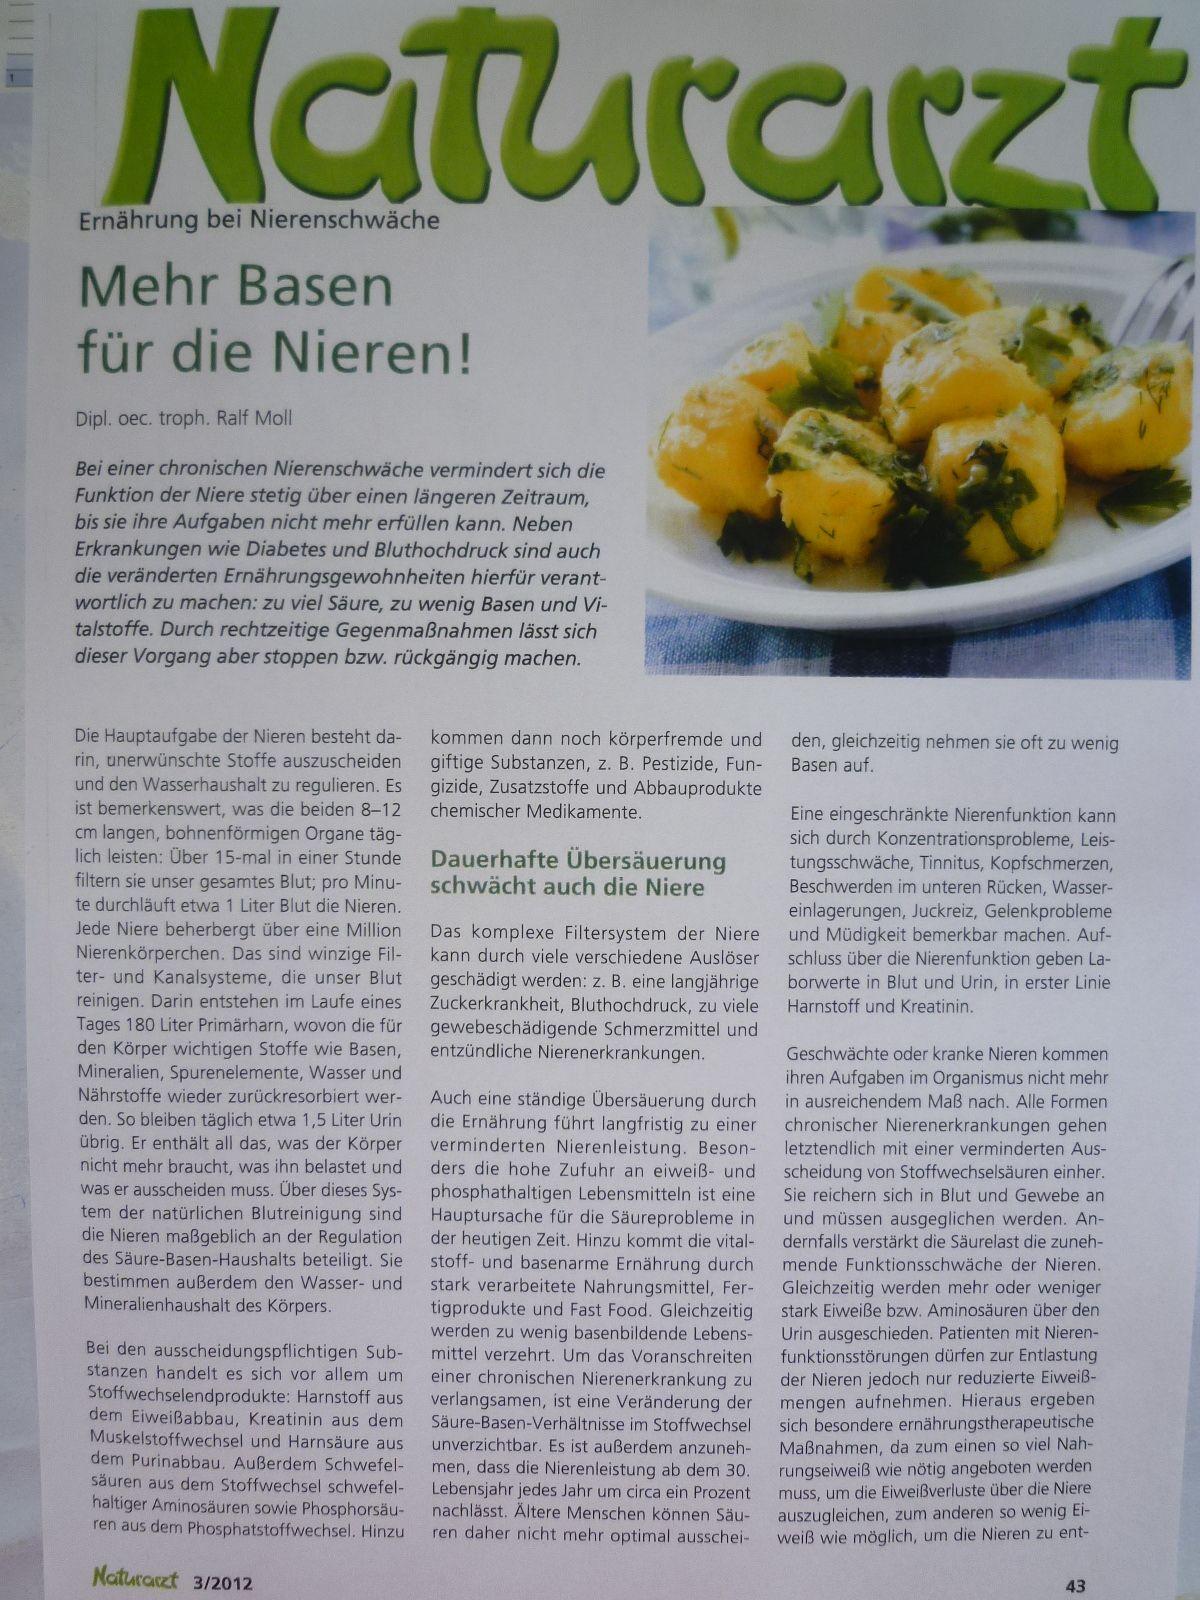 Zeitung Naturarzt 03/2012